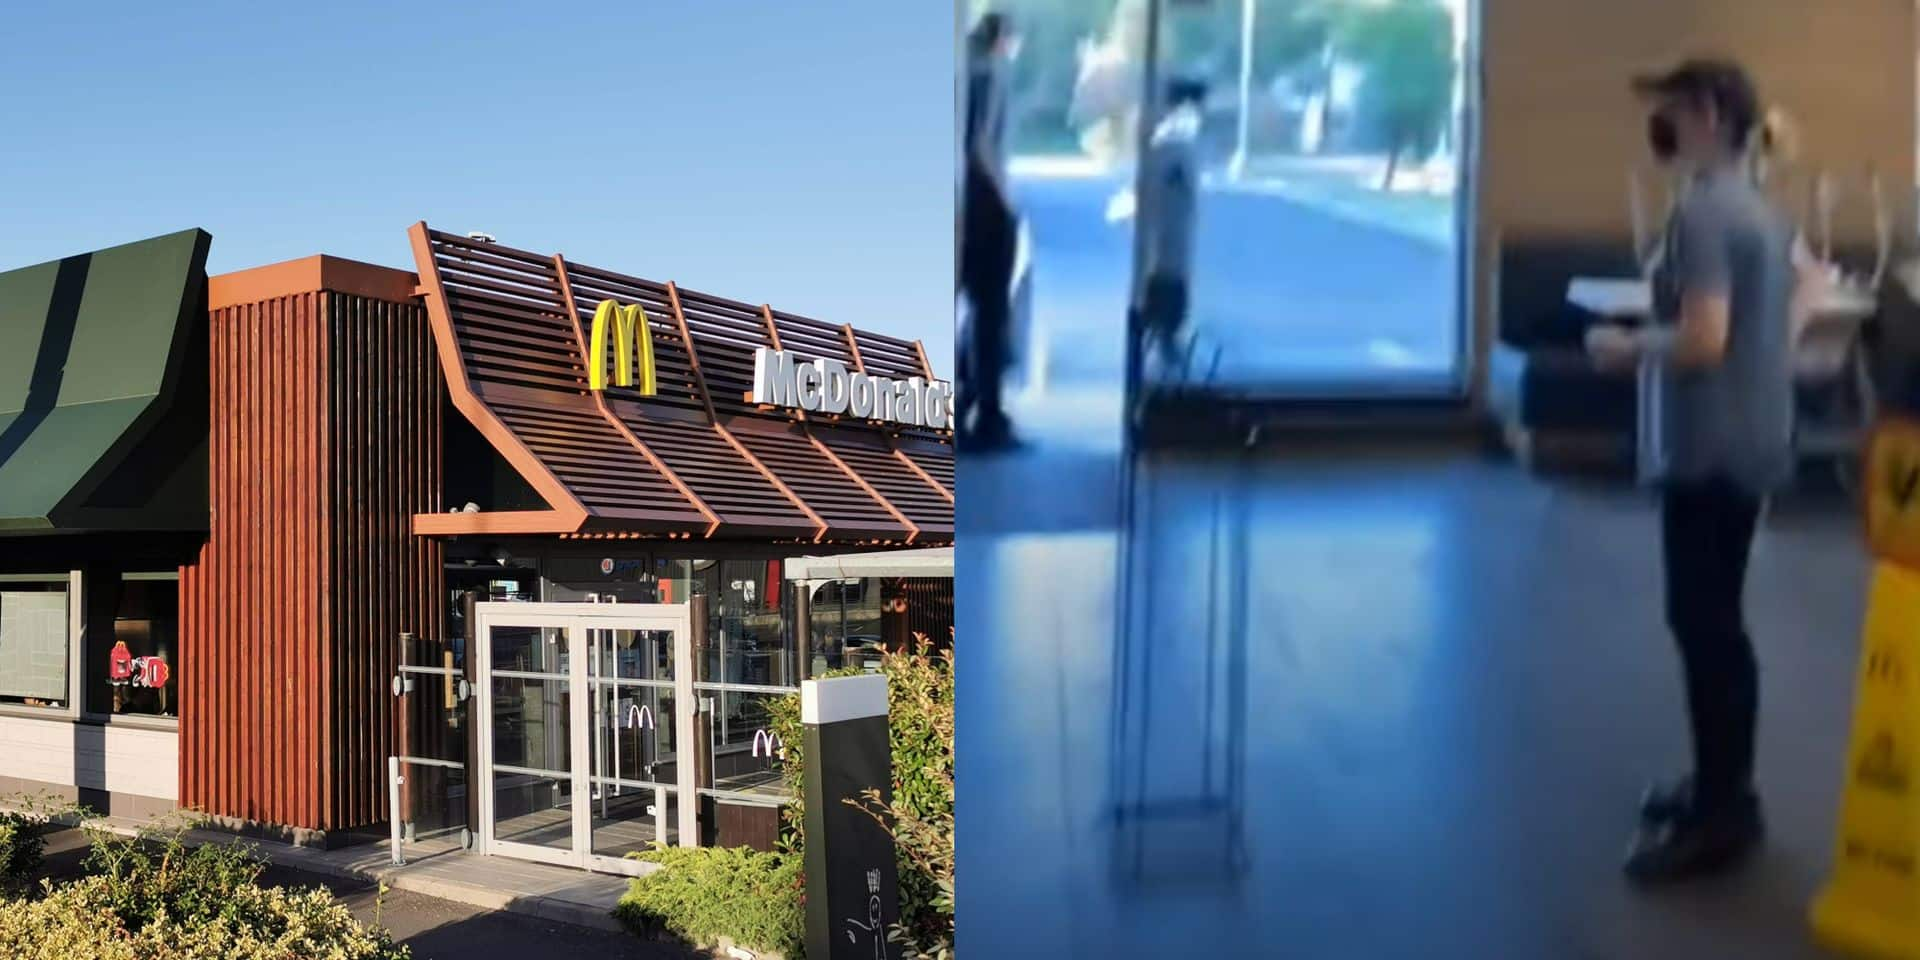 Une équipe complète d'un McDonald's donne sa démission en plein service après un désaccord avec le patron (VIDÉO)